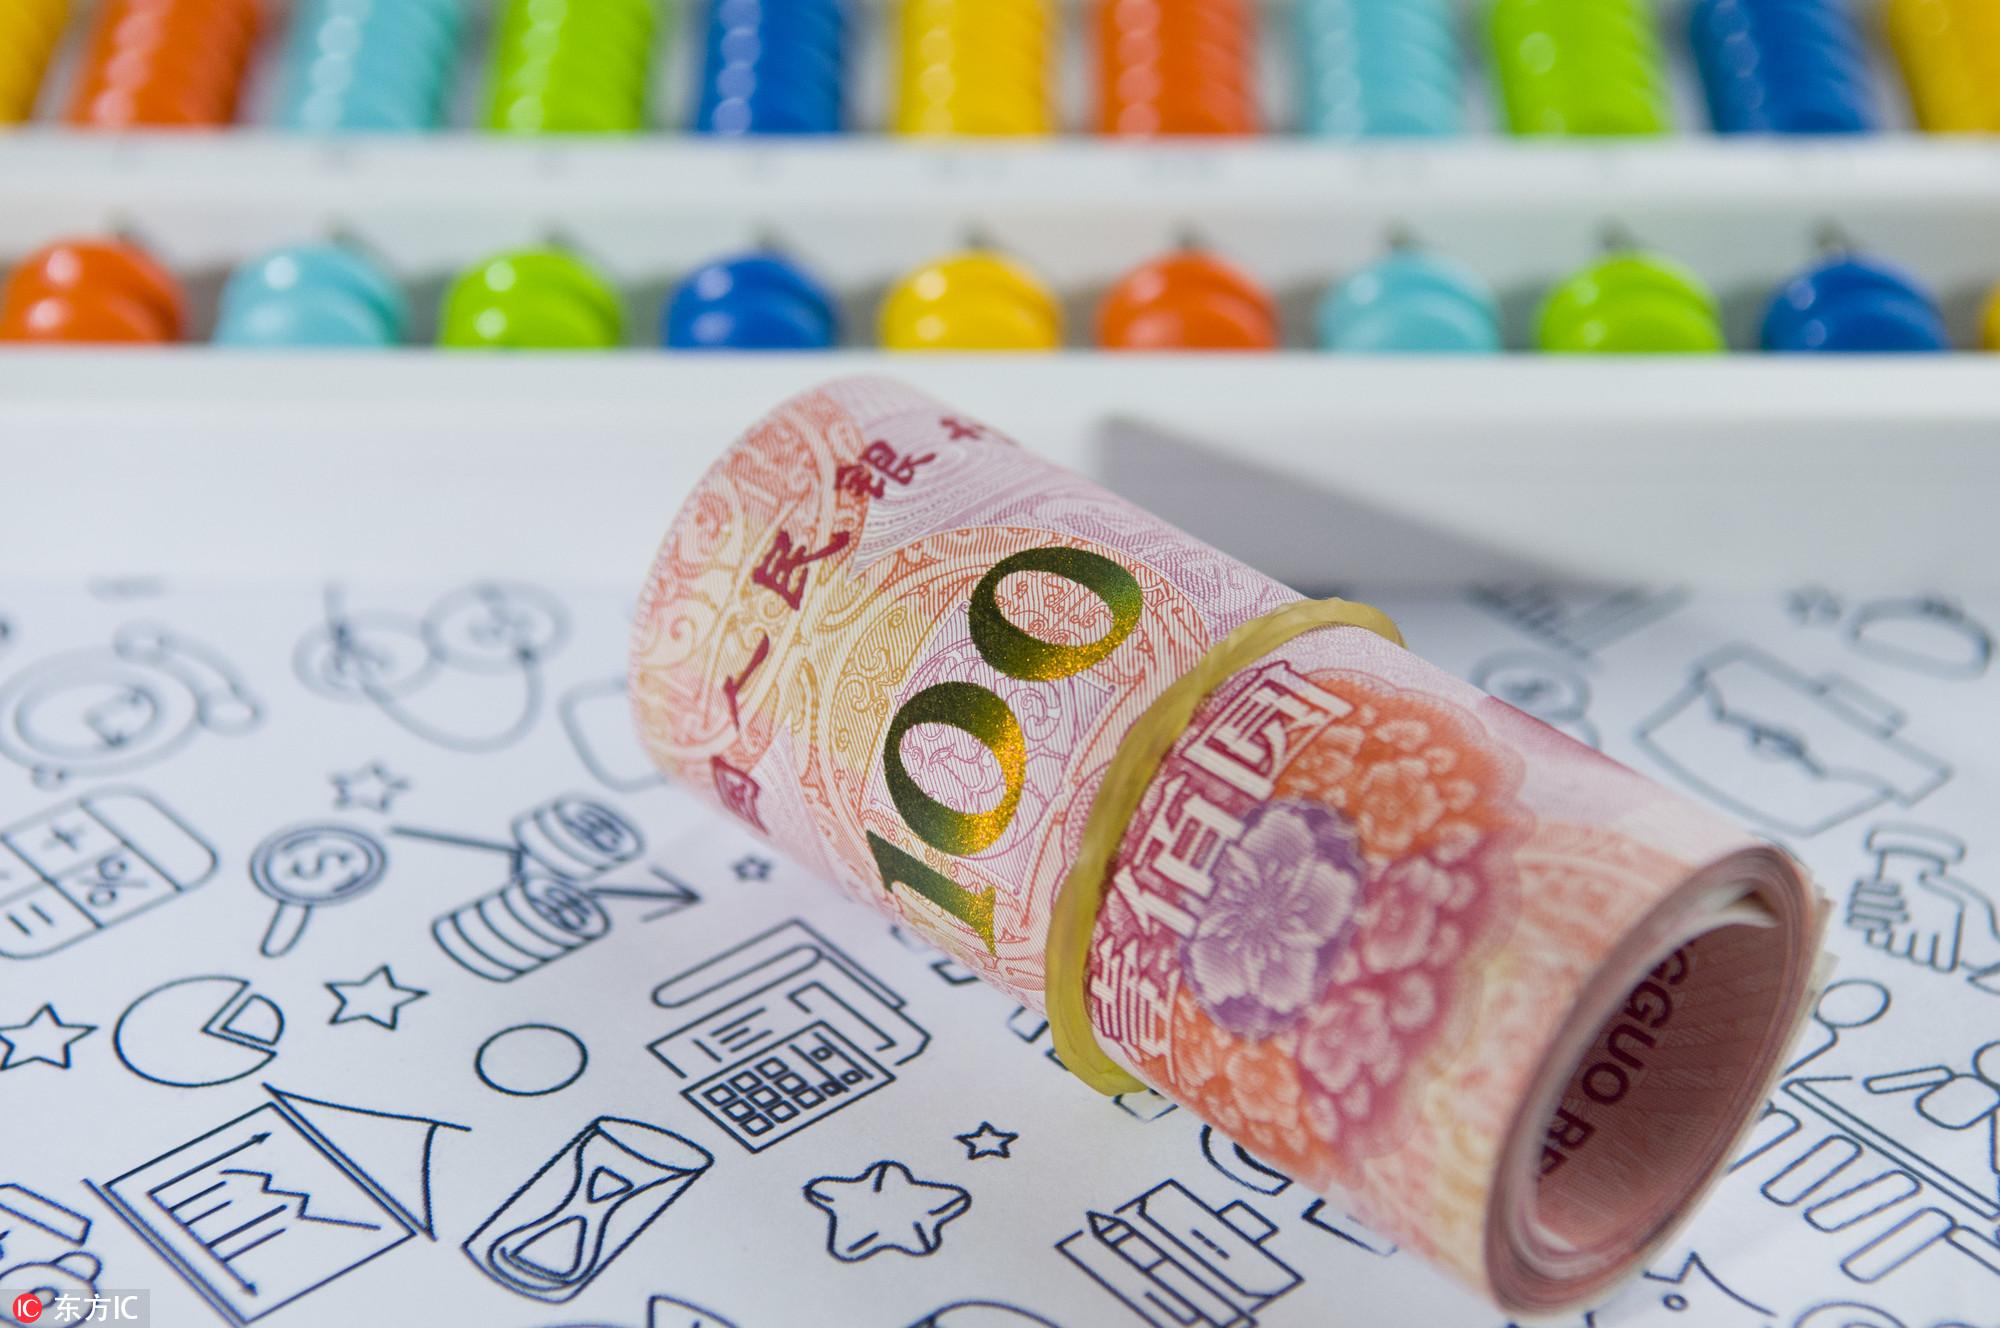 潘向东:我国增值税和企业社保费率仍高于同类经济体